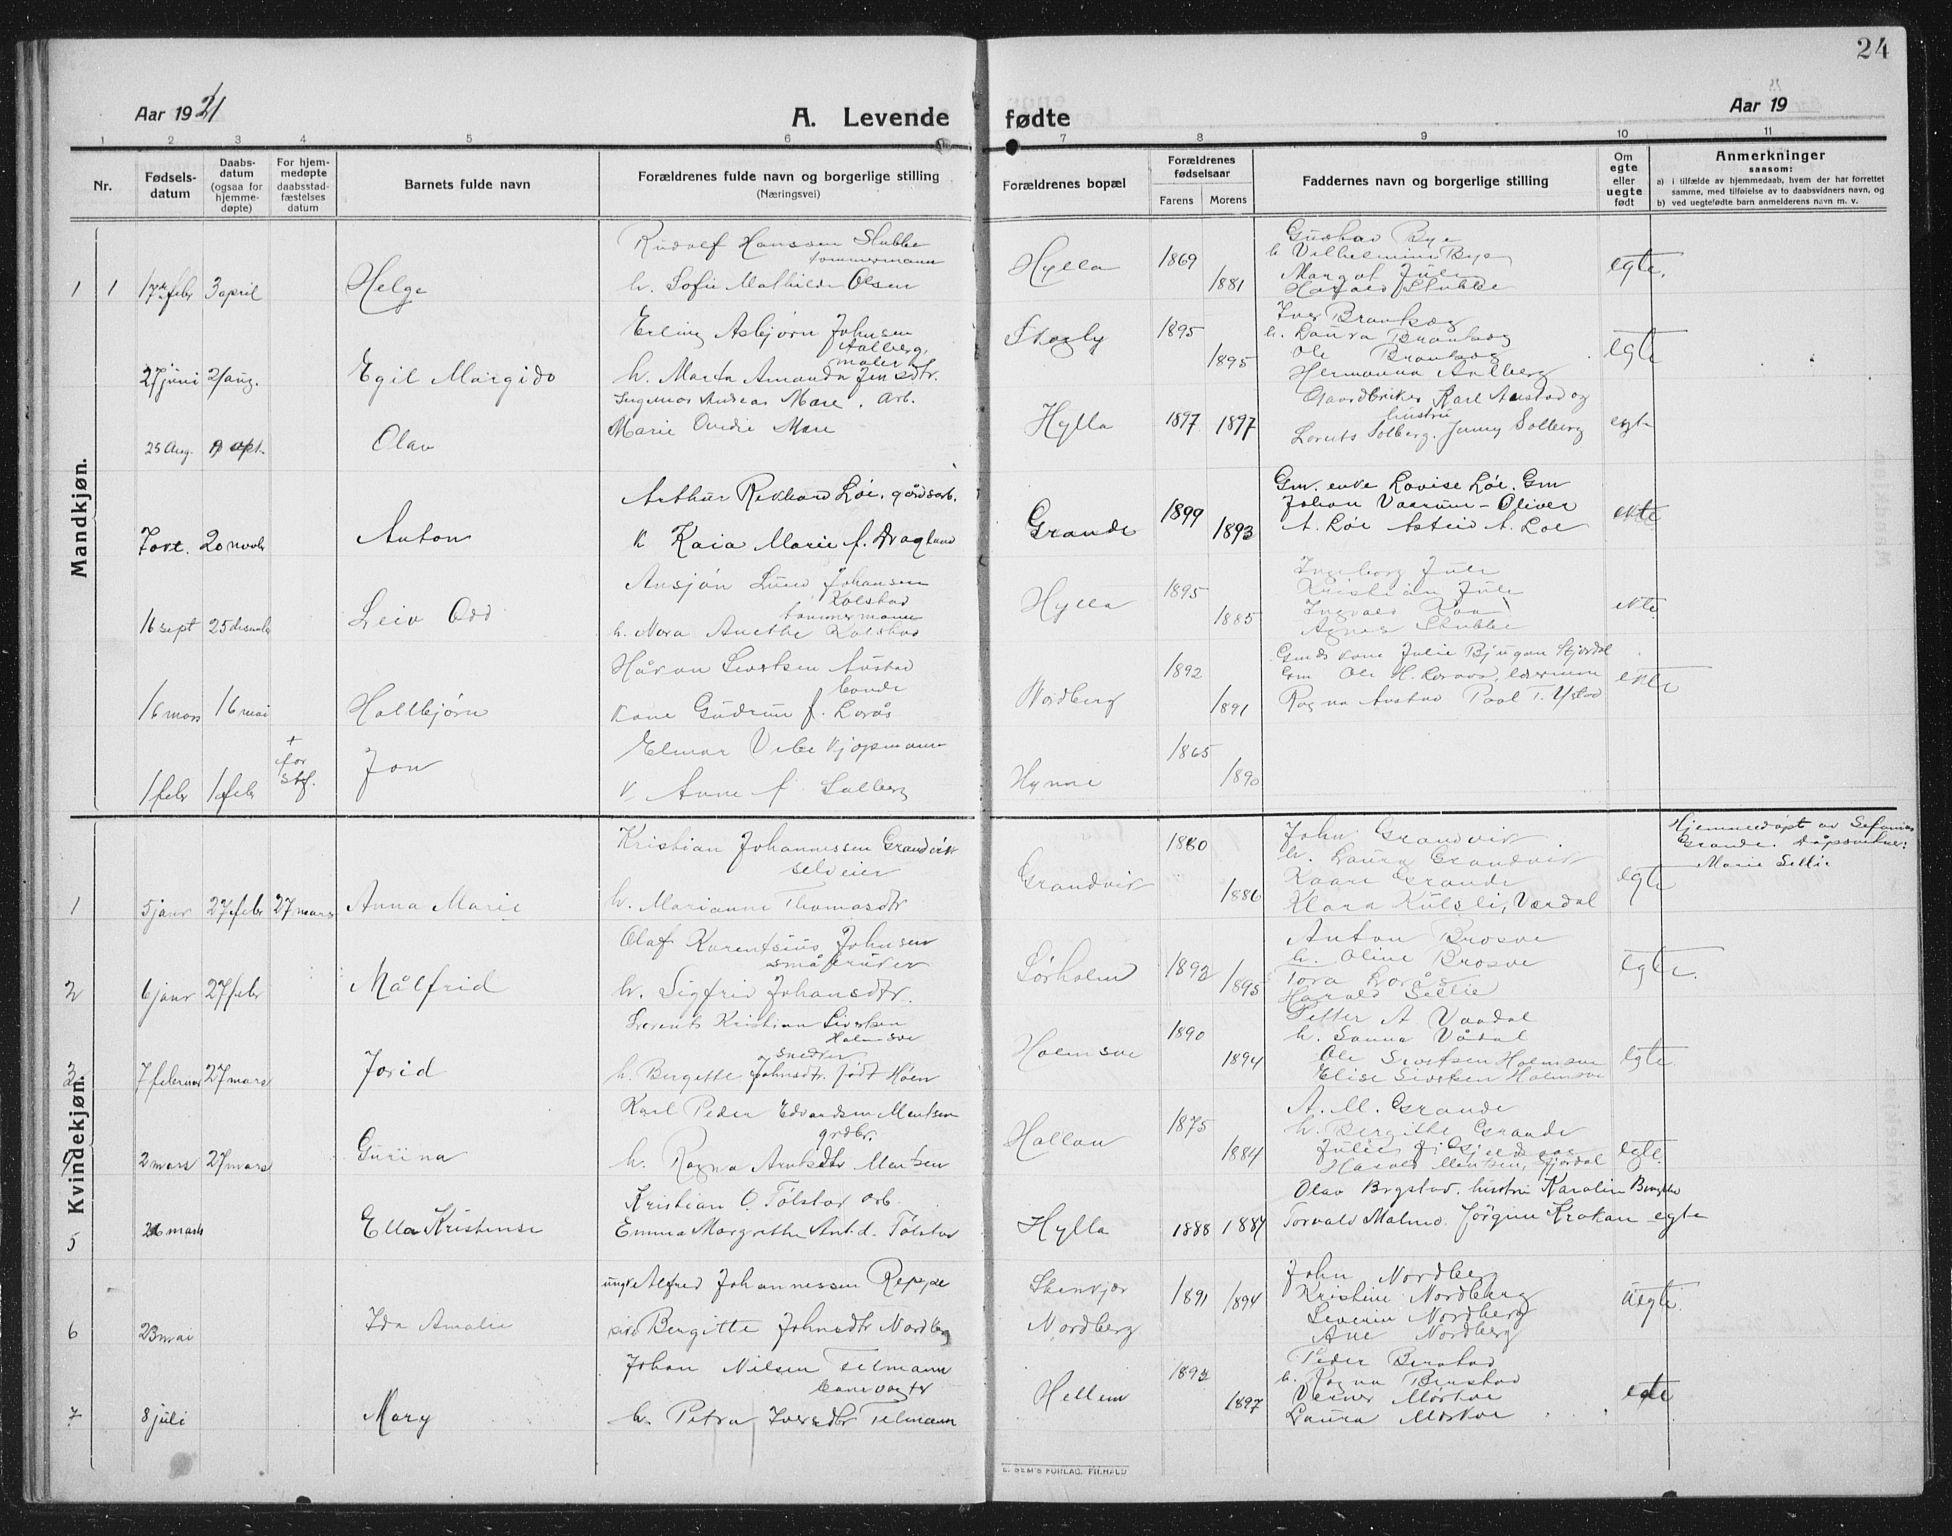 SAT, Ministerialprotokoller, klokkerbøker og fødselsregistre - Nord-Trøndelag, 731/L0312: Klokkerbok nr. 731C03, 1911-1935, s. 24